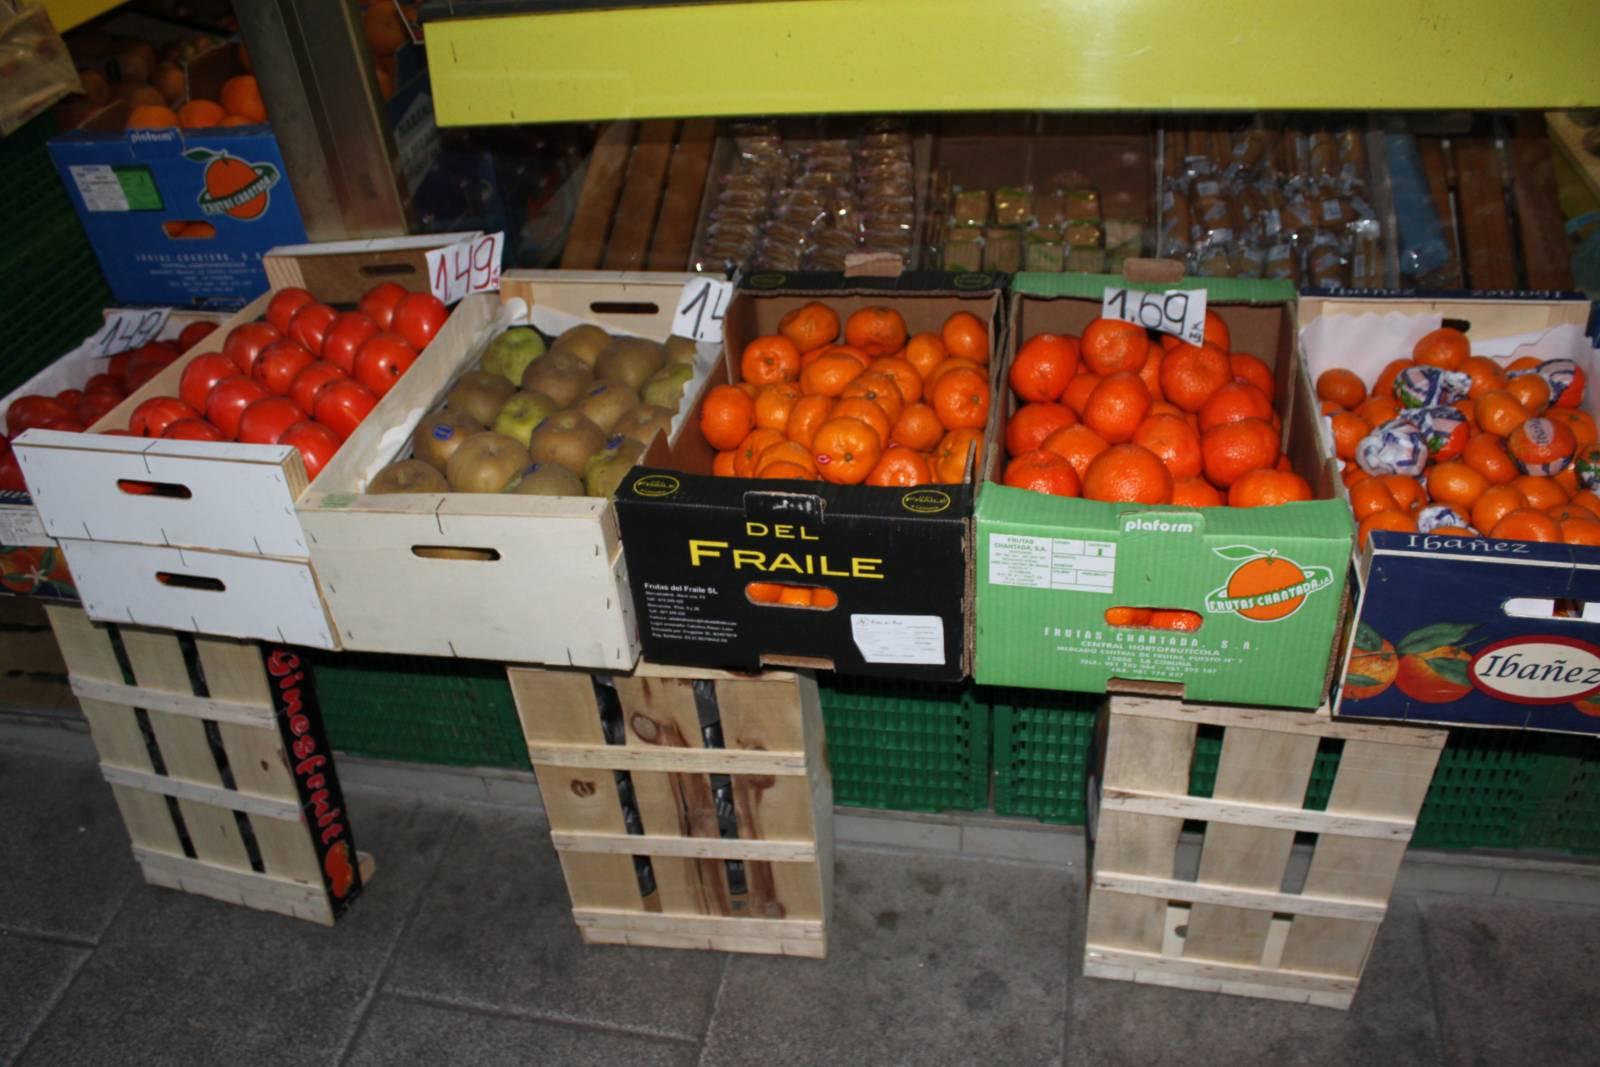 las cajas de fruta en la acera del vecindario - Cajas De Frutas